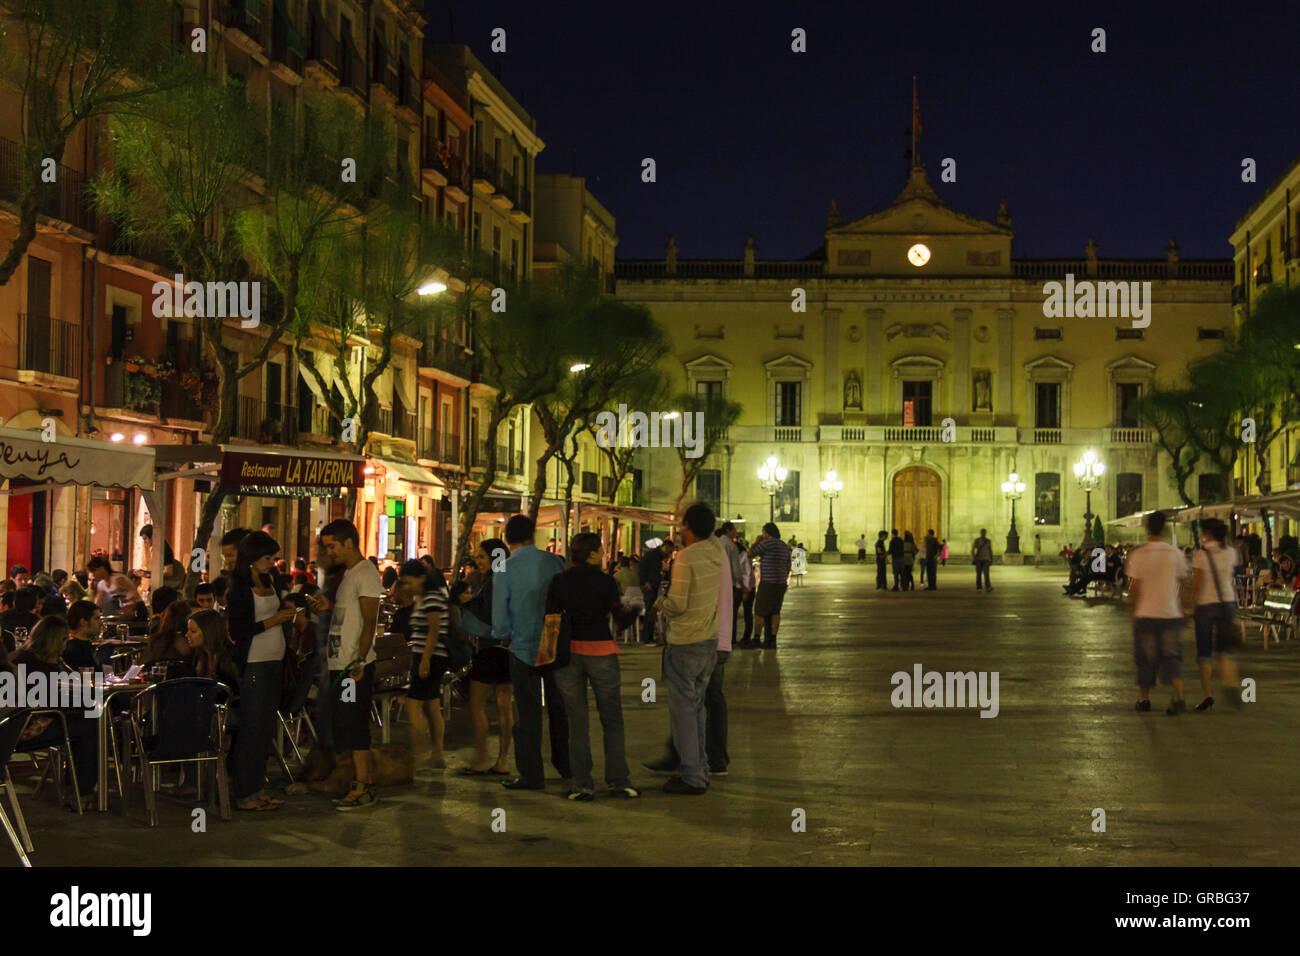 Les personnes bénéficiant de l'ambiance de fin de nuit en face de l'Hôtel de ville de Tarragone Photo Stock